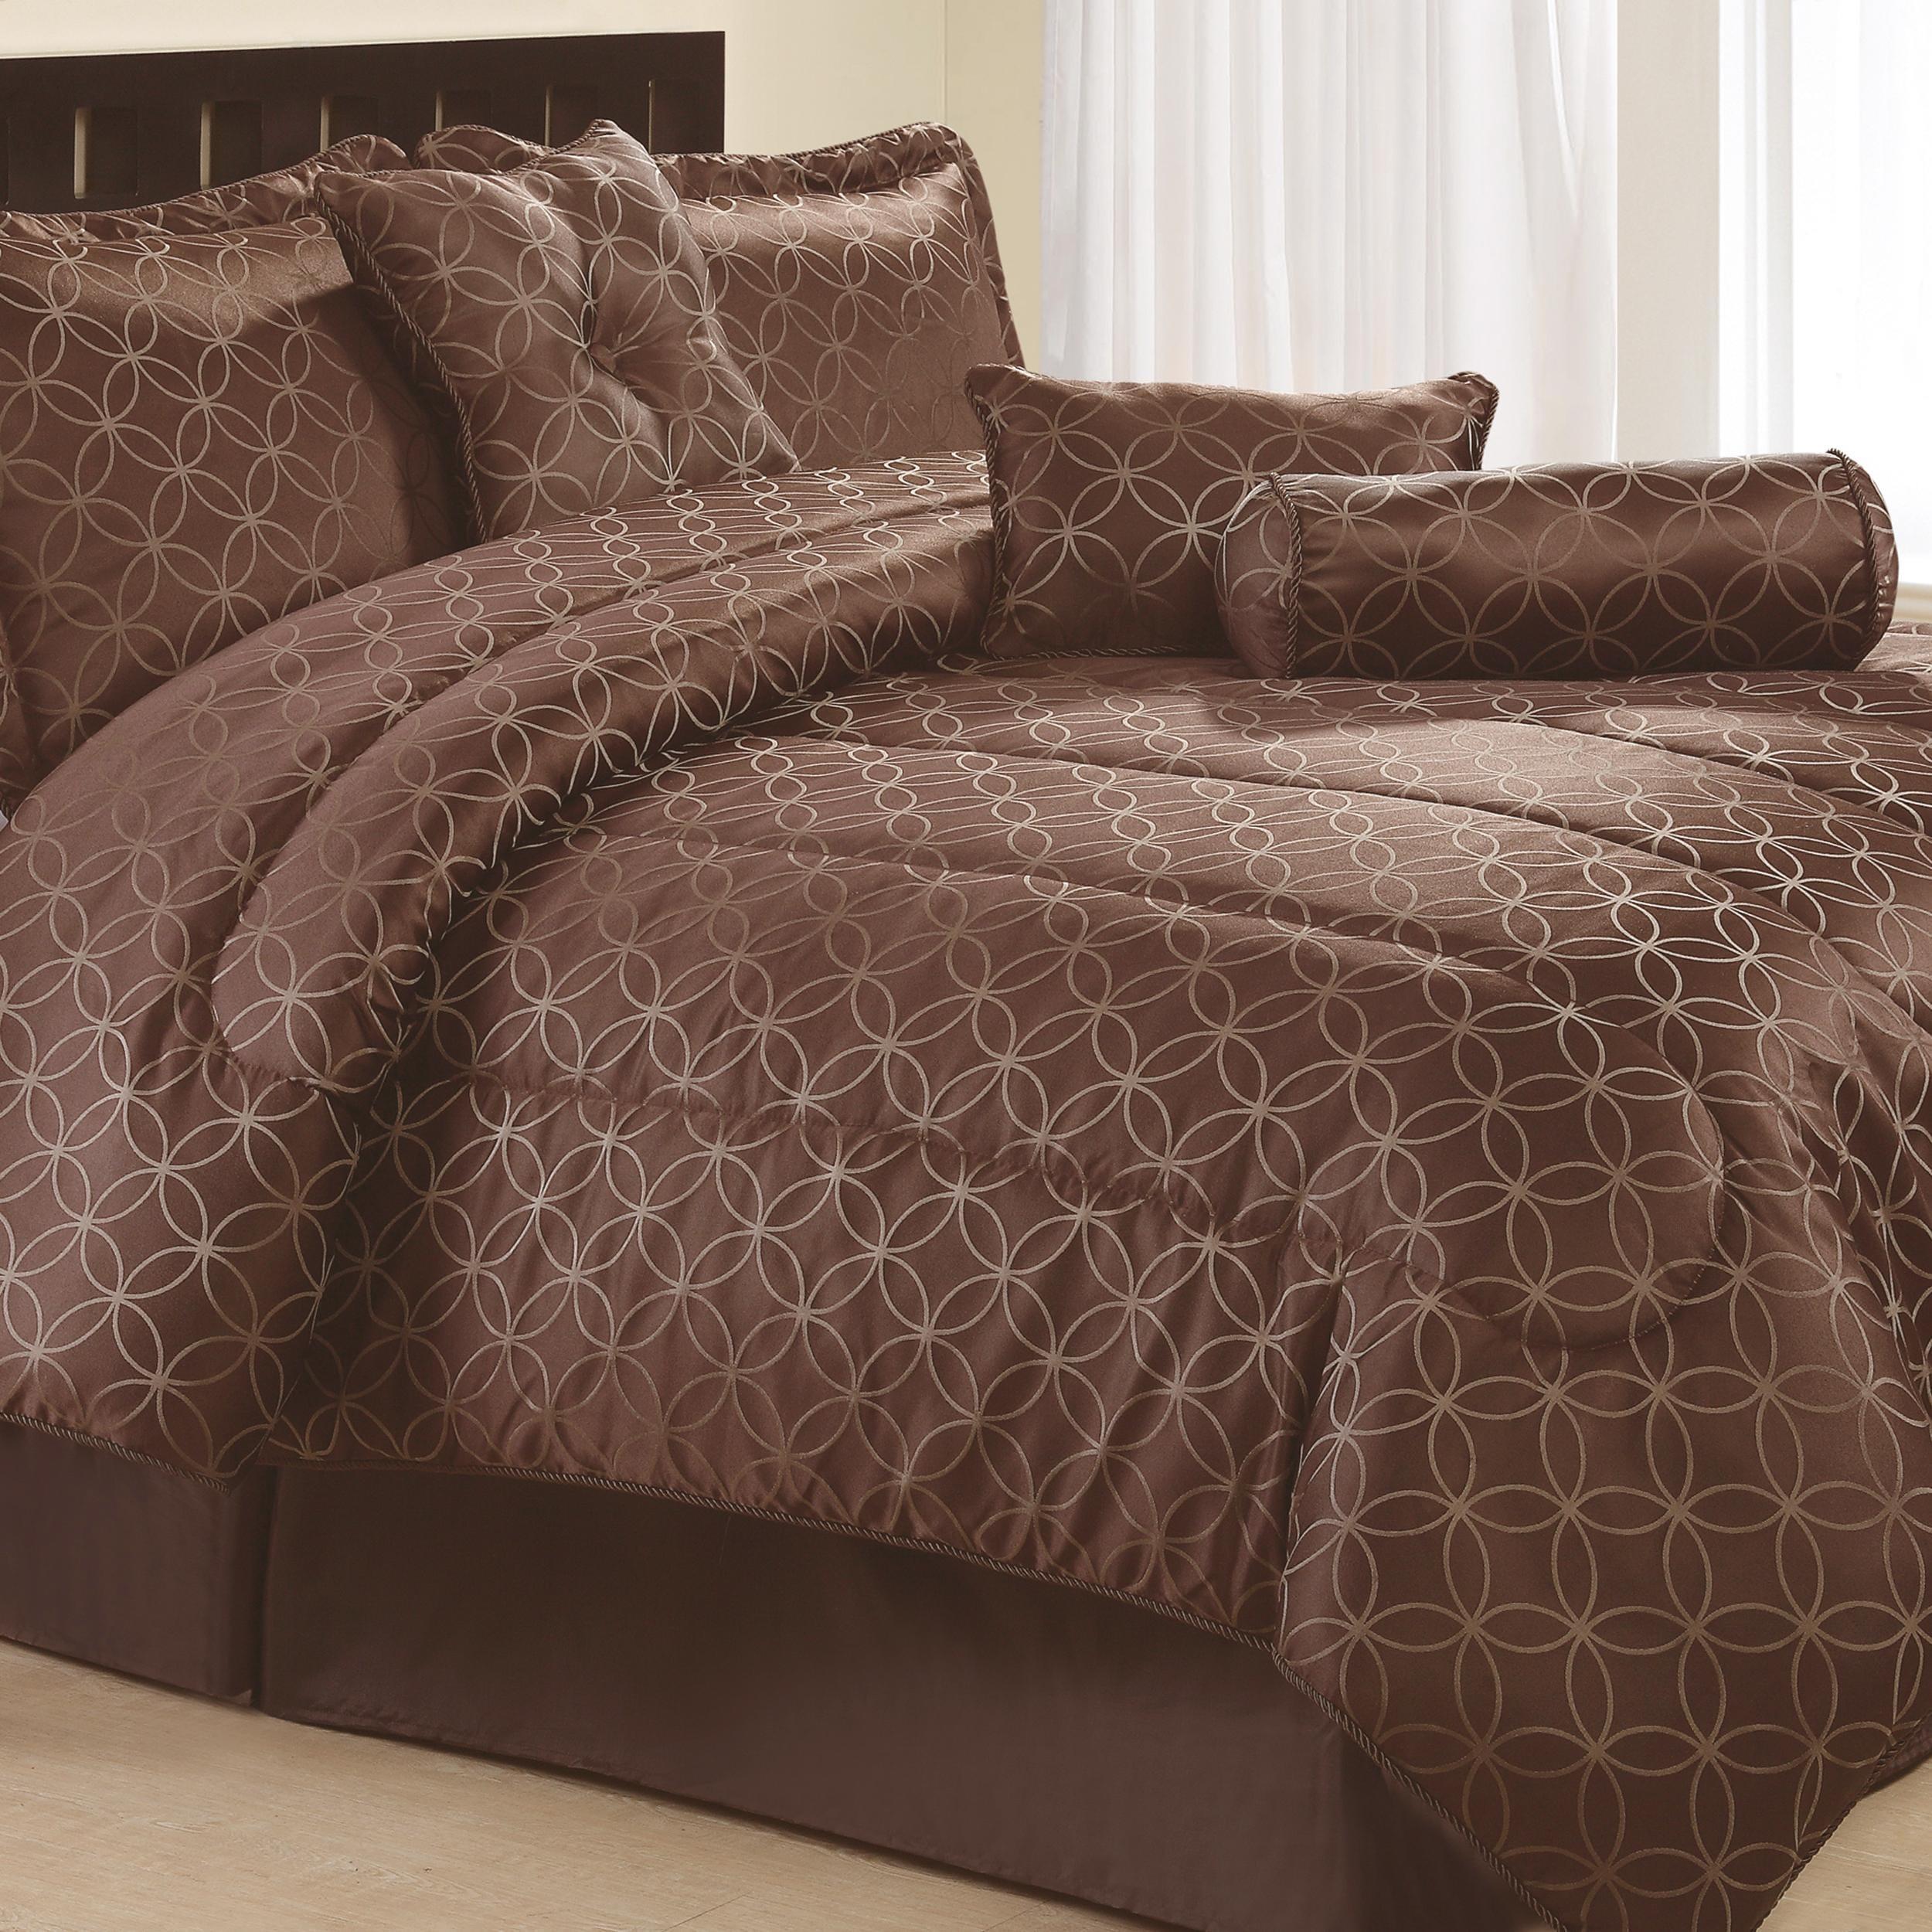 Ysela Home Fashion Vienna 7-piece Comforter Set